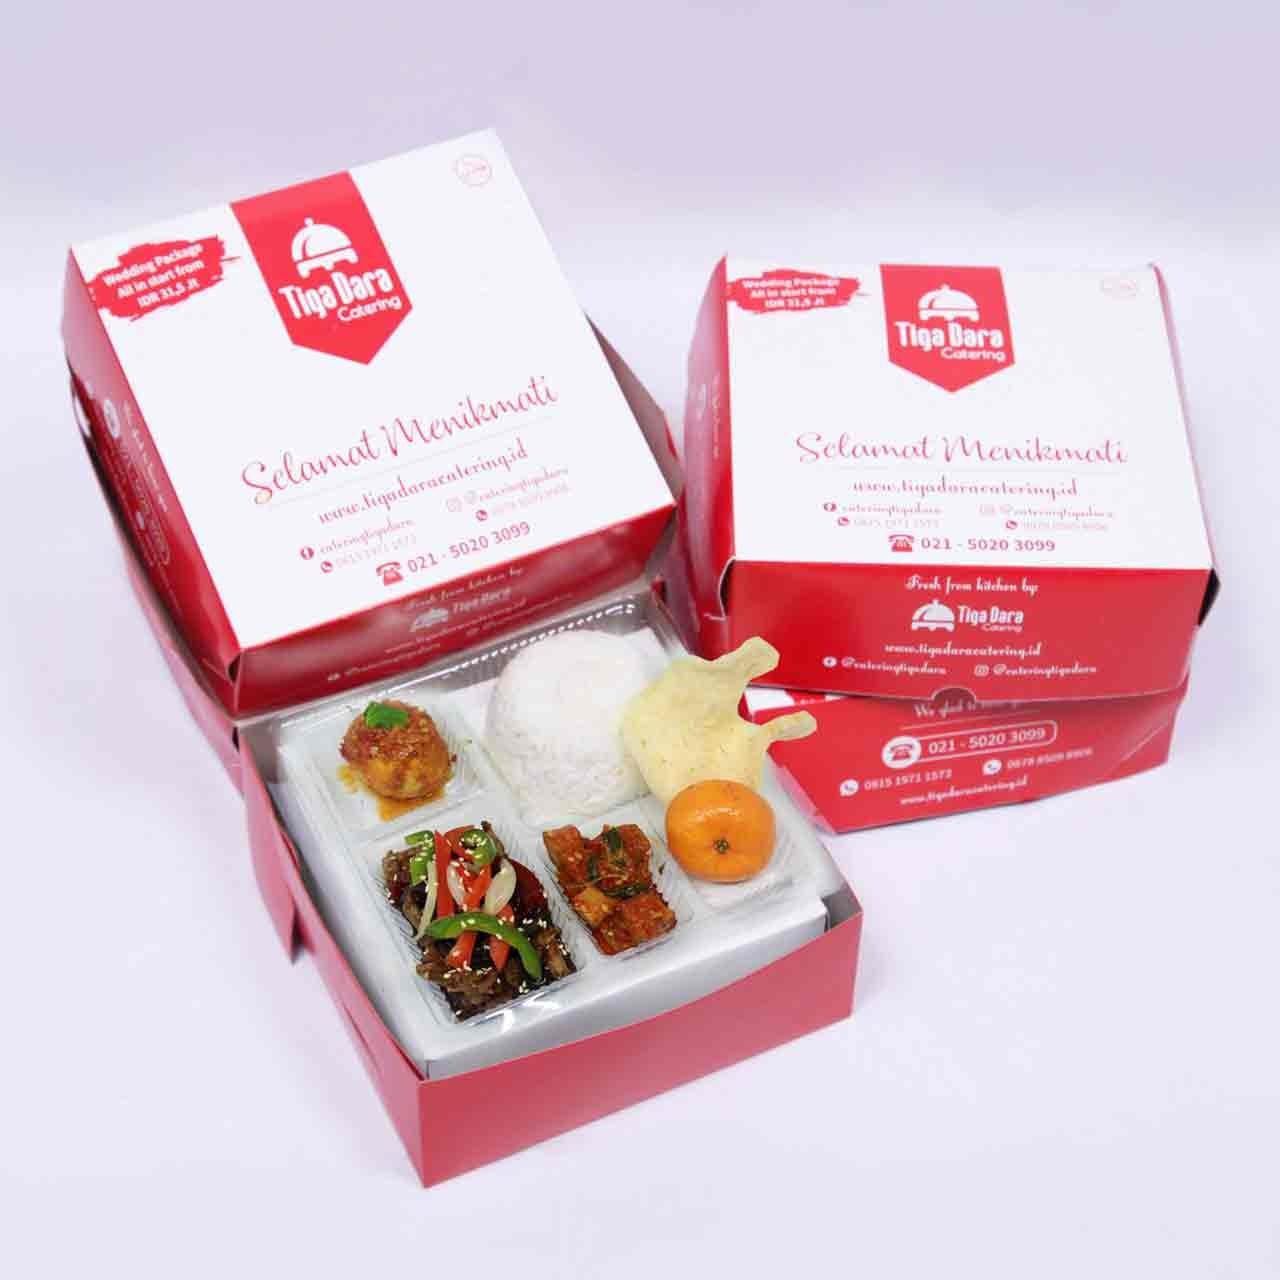 tiga_dara_*Nasi Box Enak & Murah_First Class | Paket 3